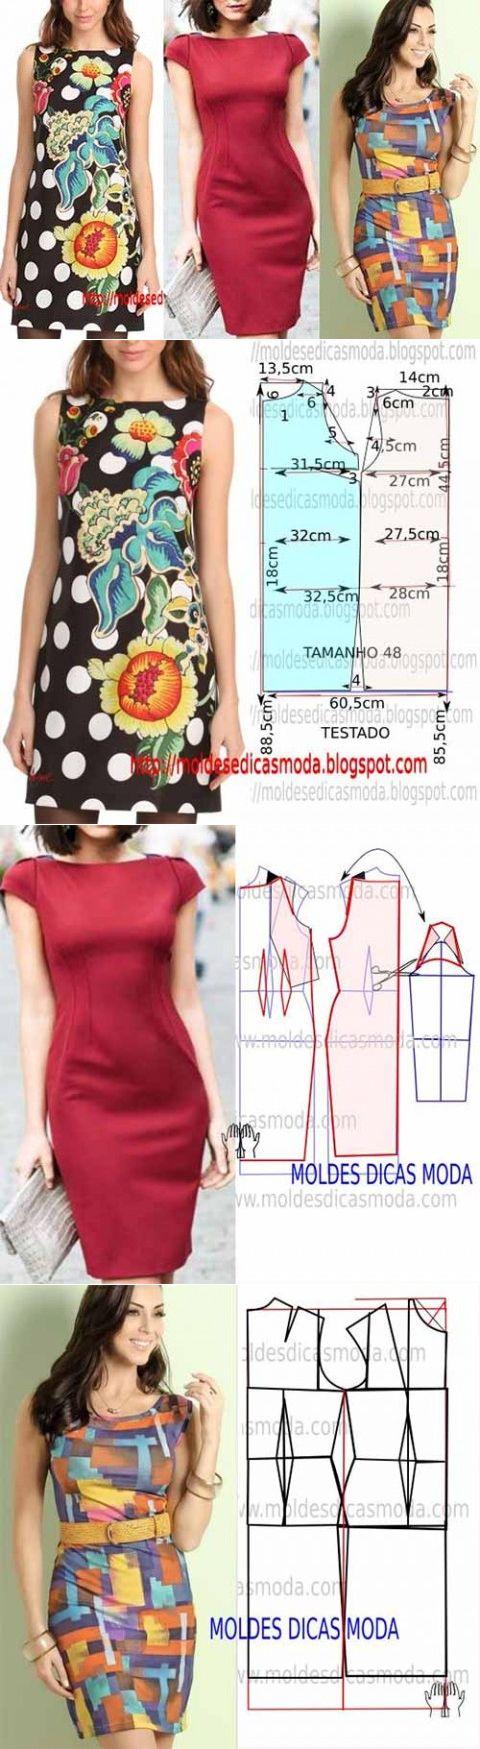 3 padrões para vestidos de verão